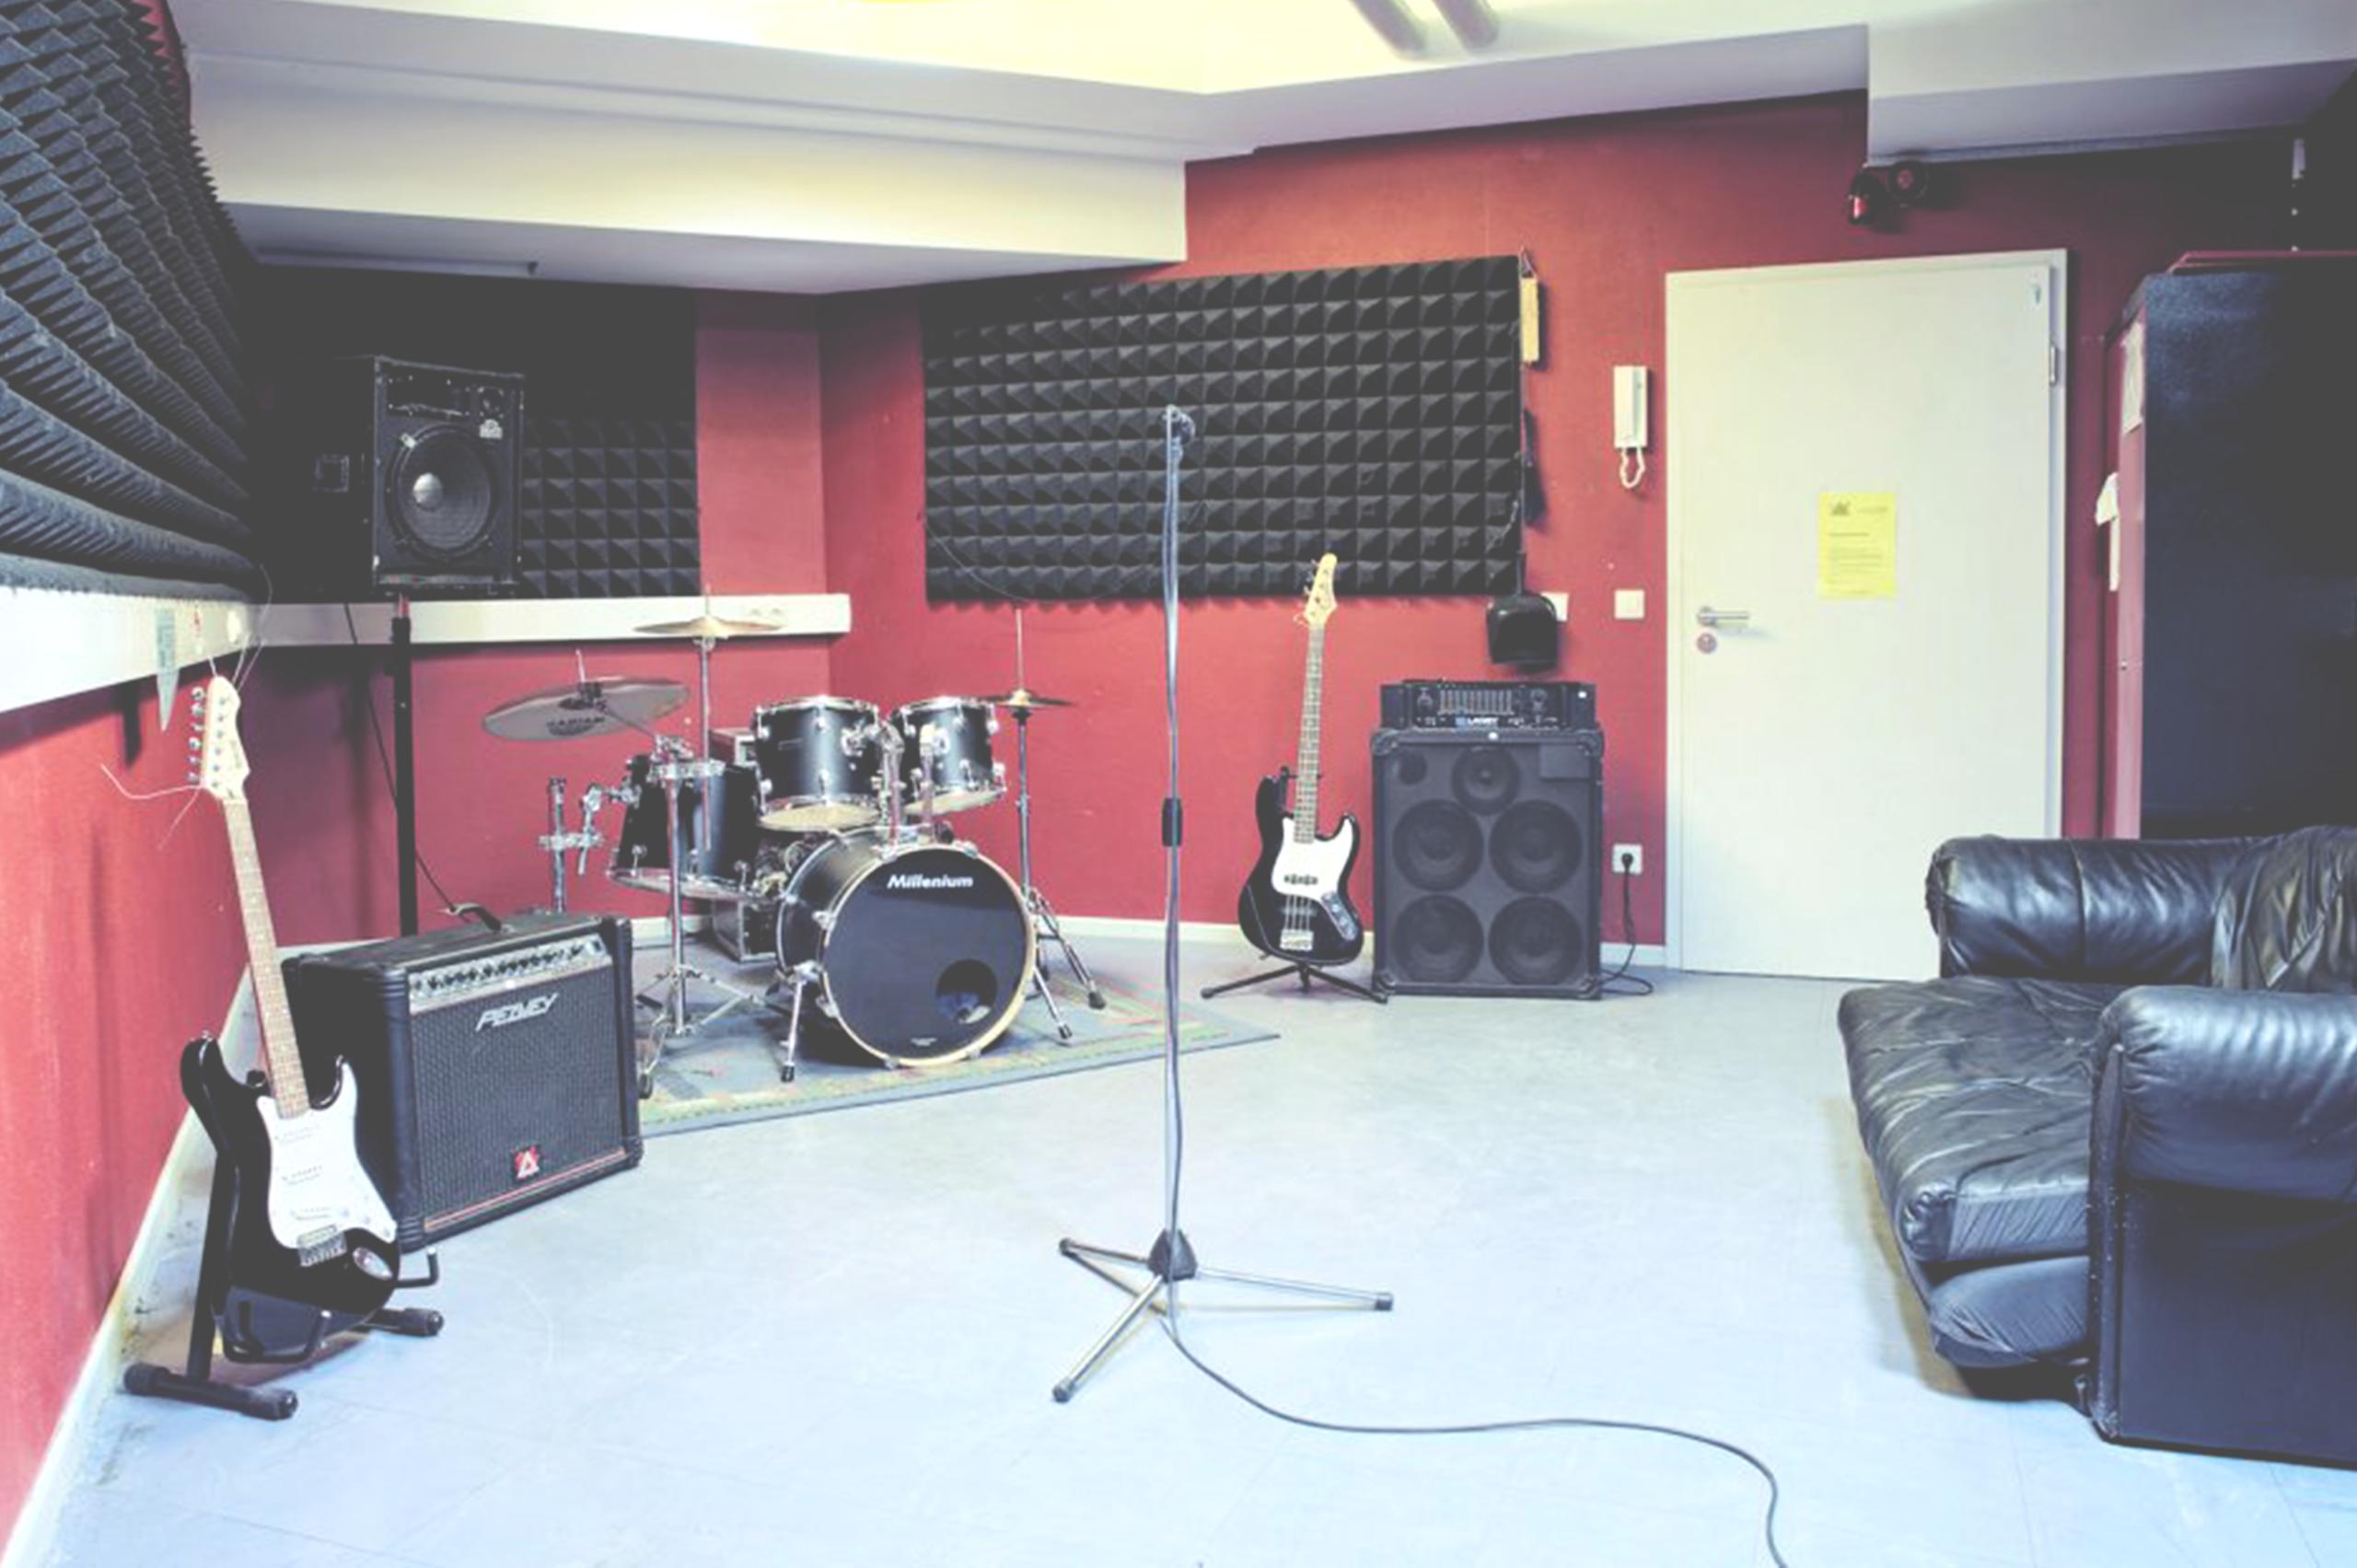 Foto eines Proberaumes mit zwei E-Gitarren, einem Schlagzeug, Verstärkern udn einer Ledercouch.